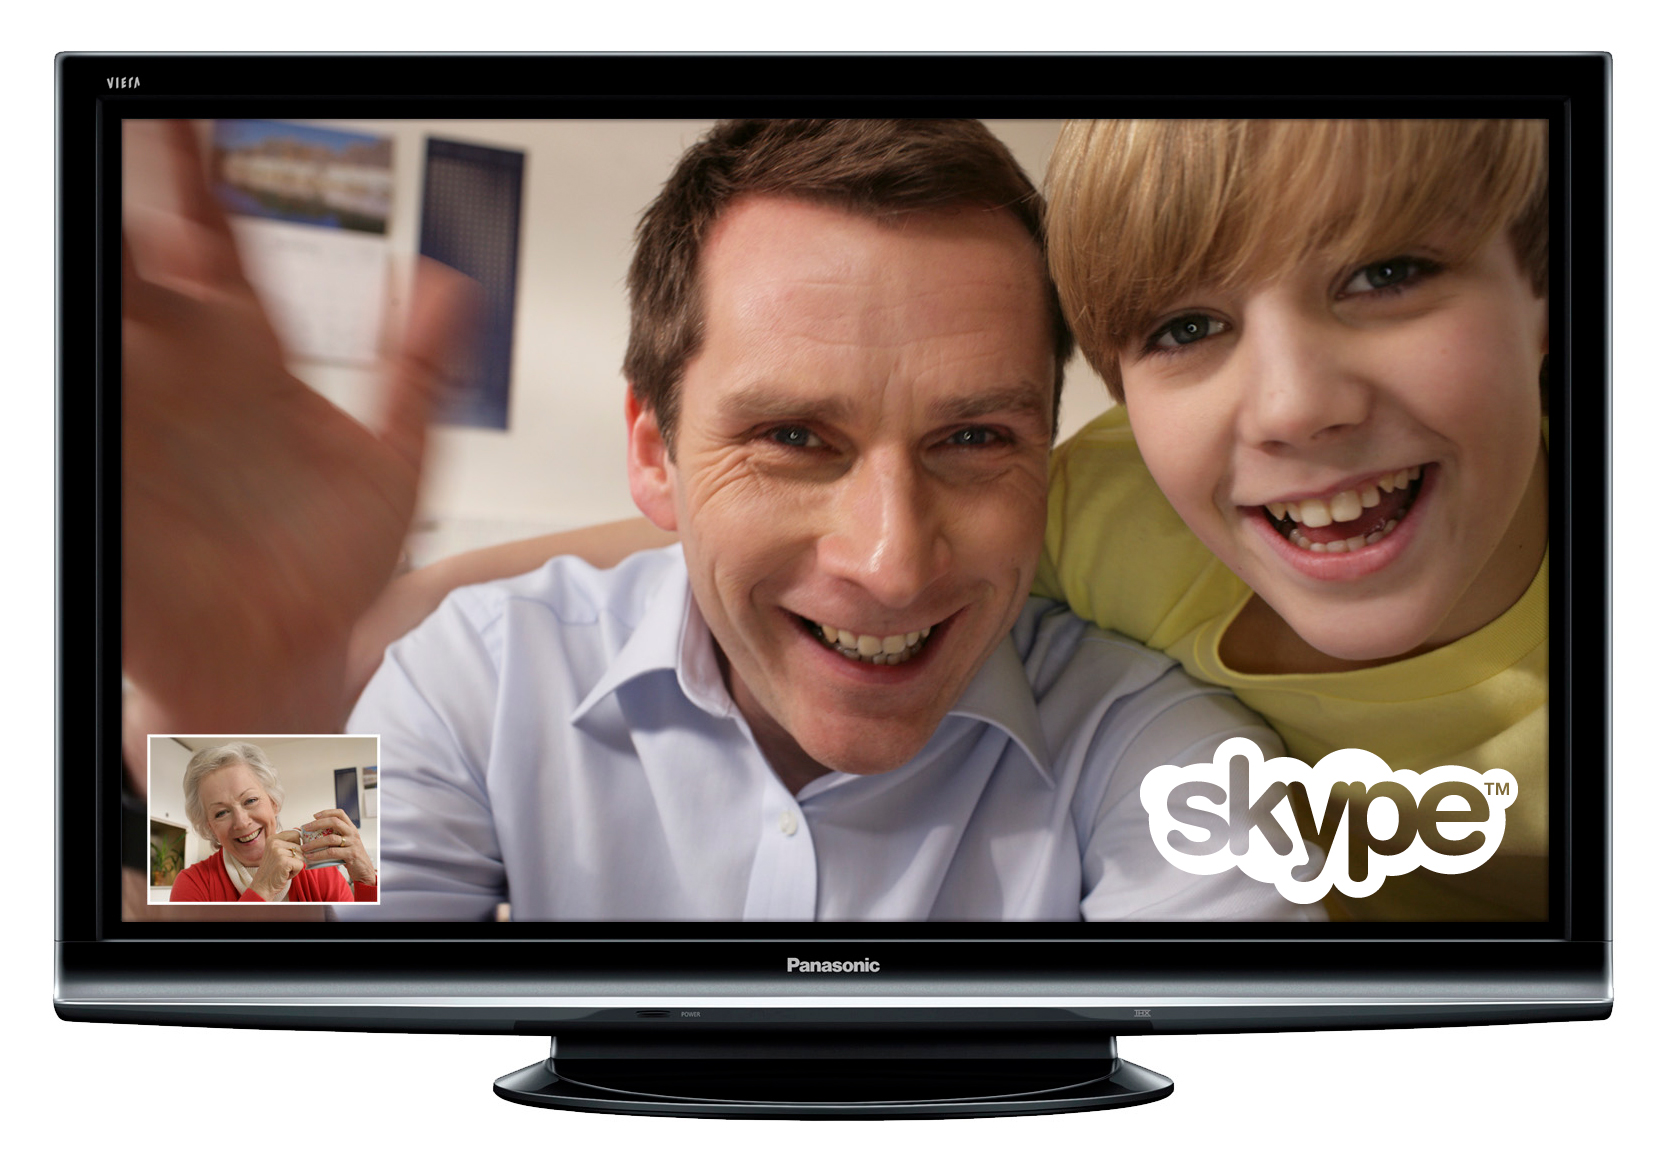 Как скачать Скайп на телевизор - пошаговая инструкция